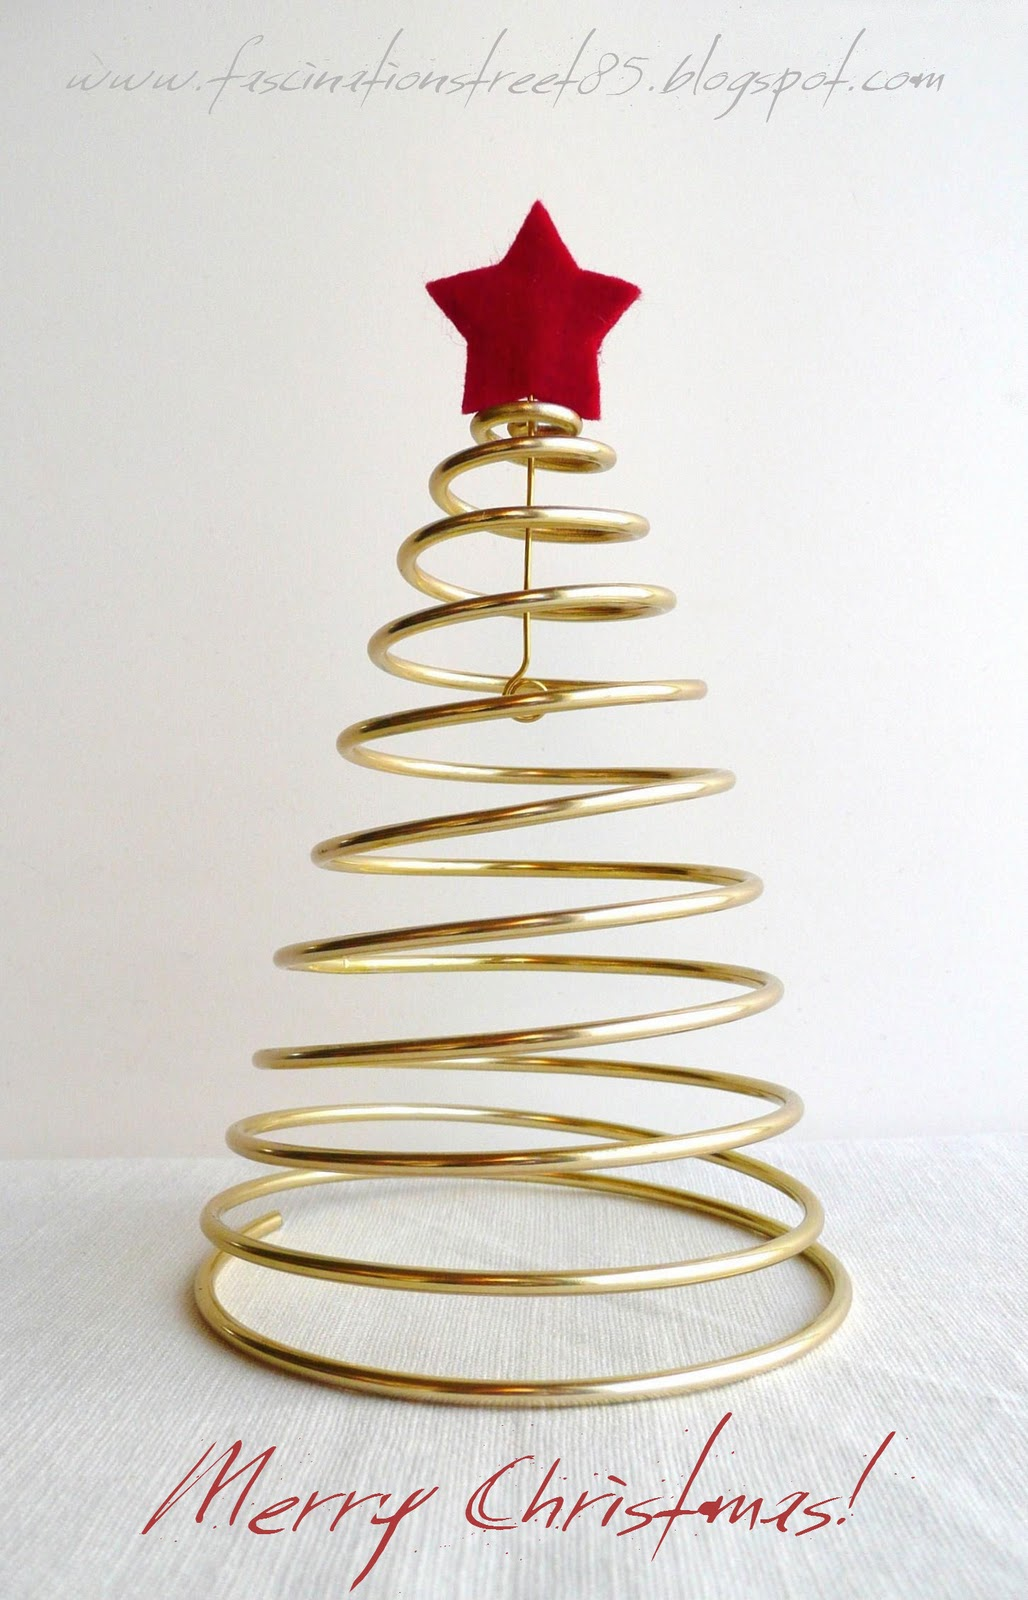 abbastanza fascinationstreet: Albero di Natale in filo metallico - Tutorial - BK07